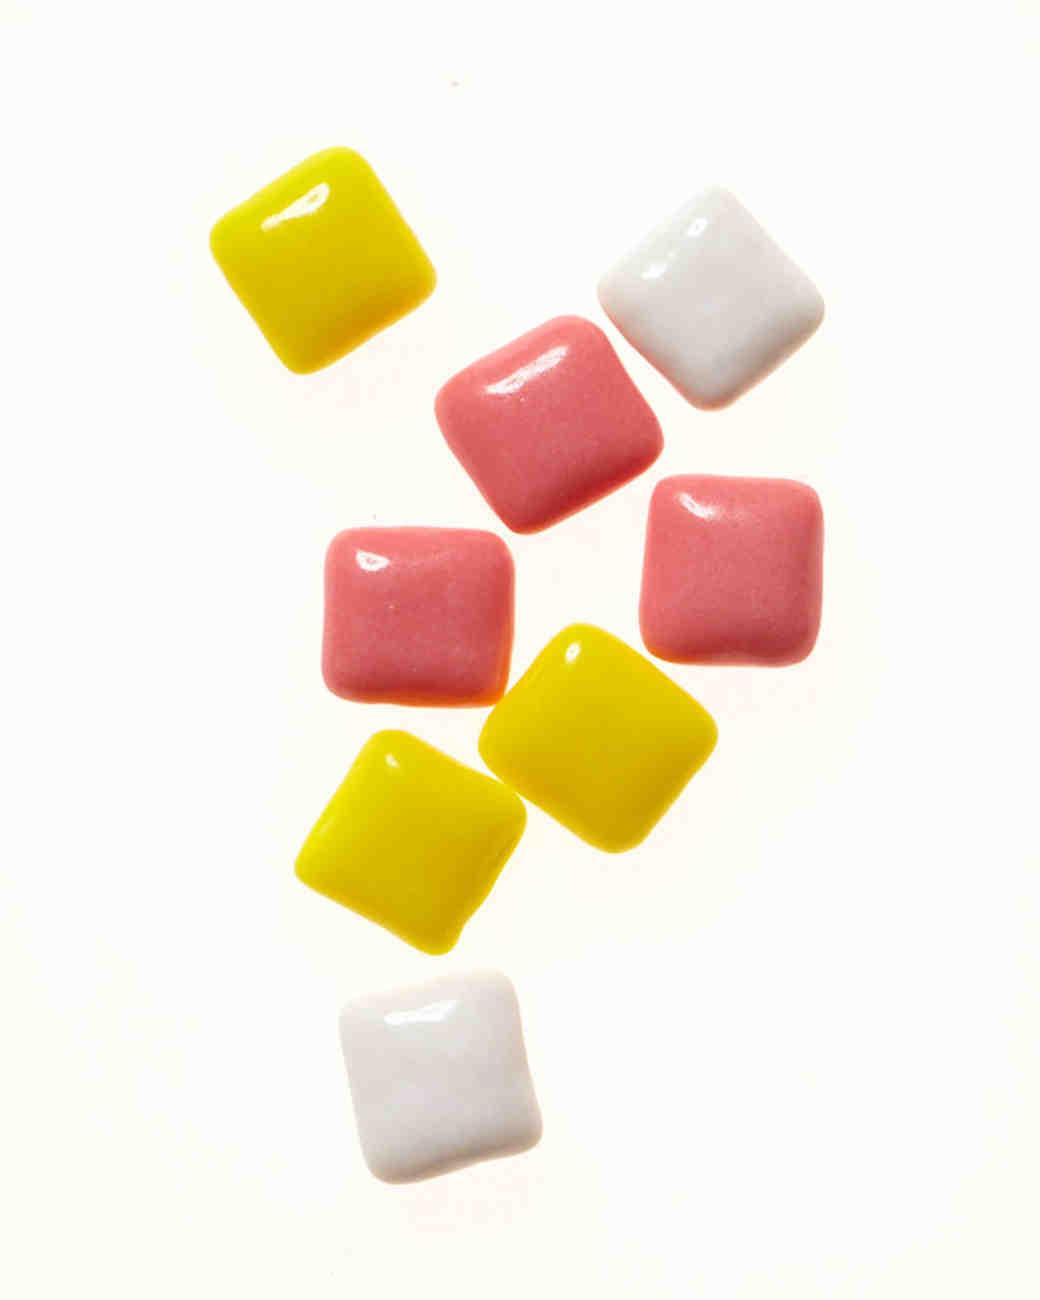 candy-dylan-sum11d107396-011.jpg